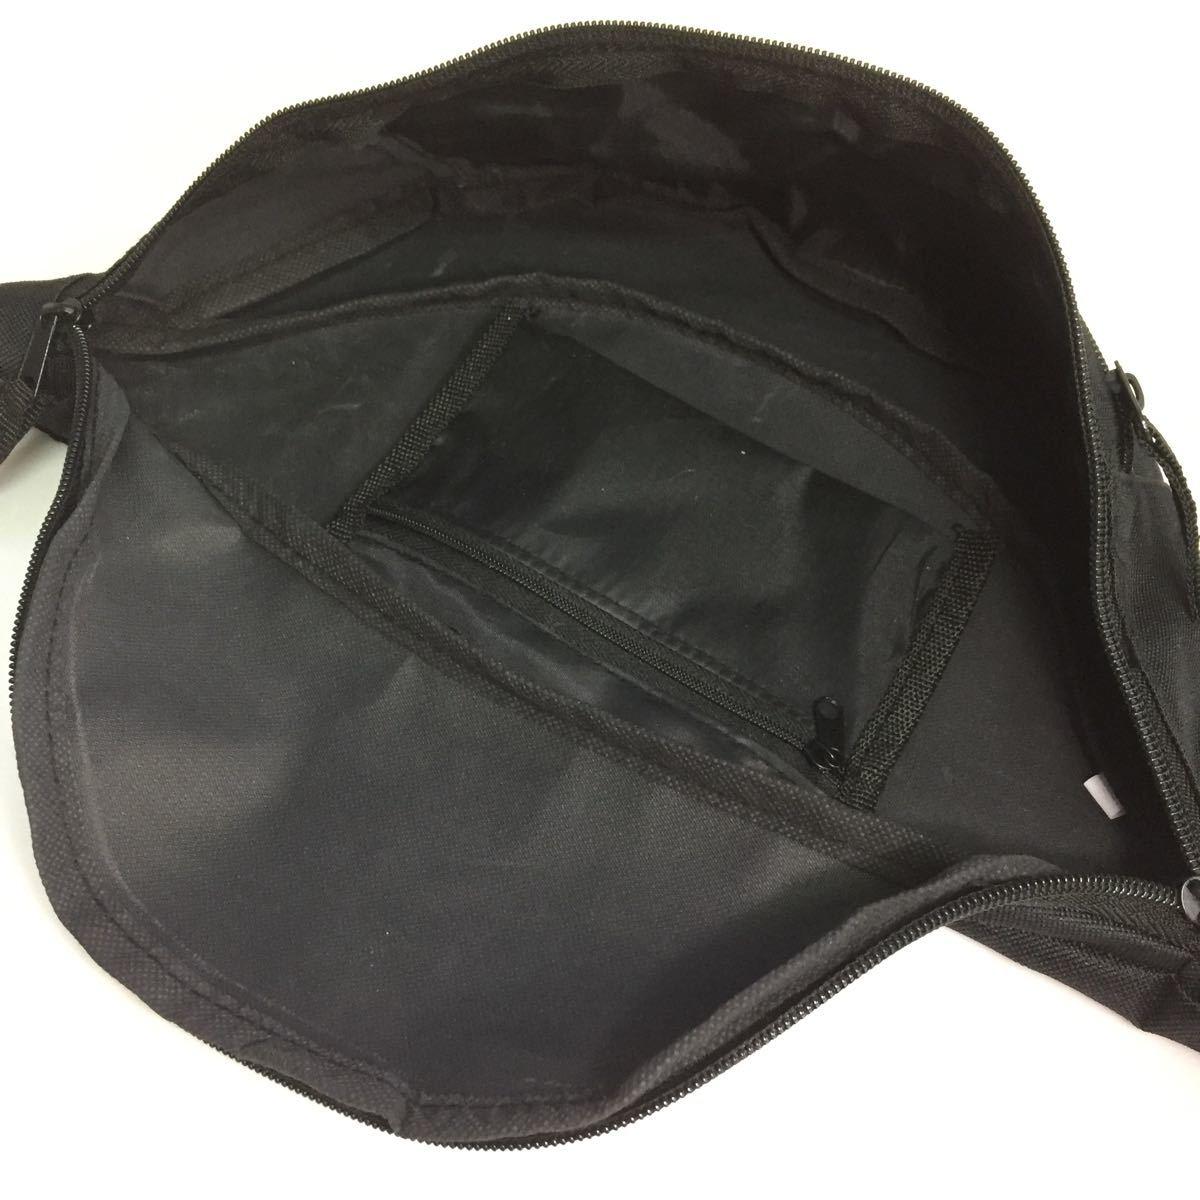 ウエストバッグ ボディバッグ ウエストポーチ メンズ レディース 新品 ウエストバック BLACK 黒